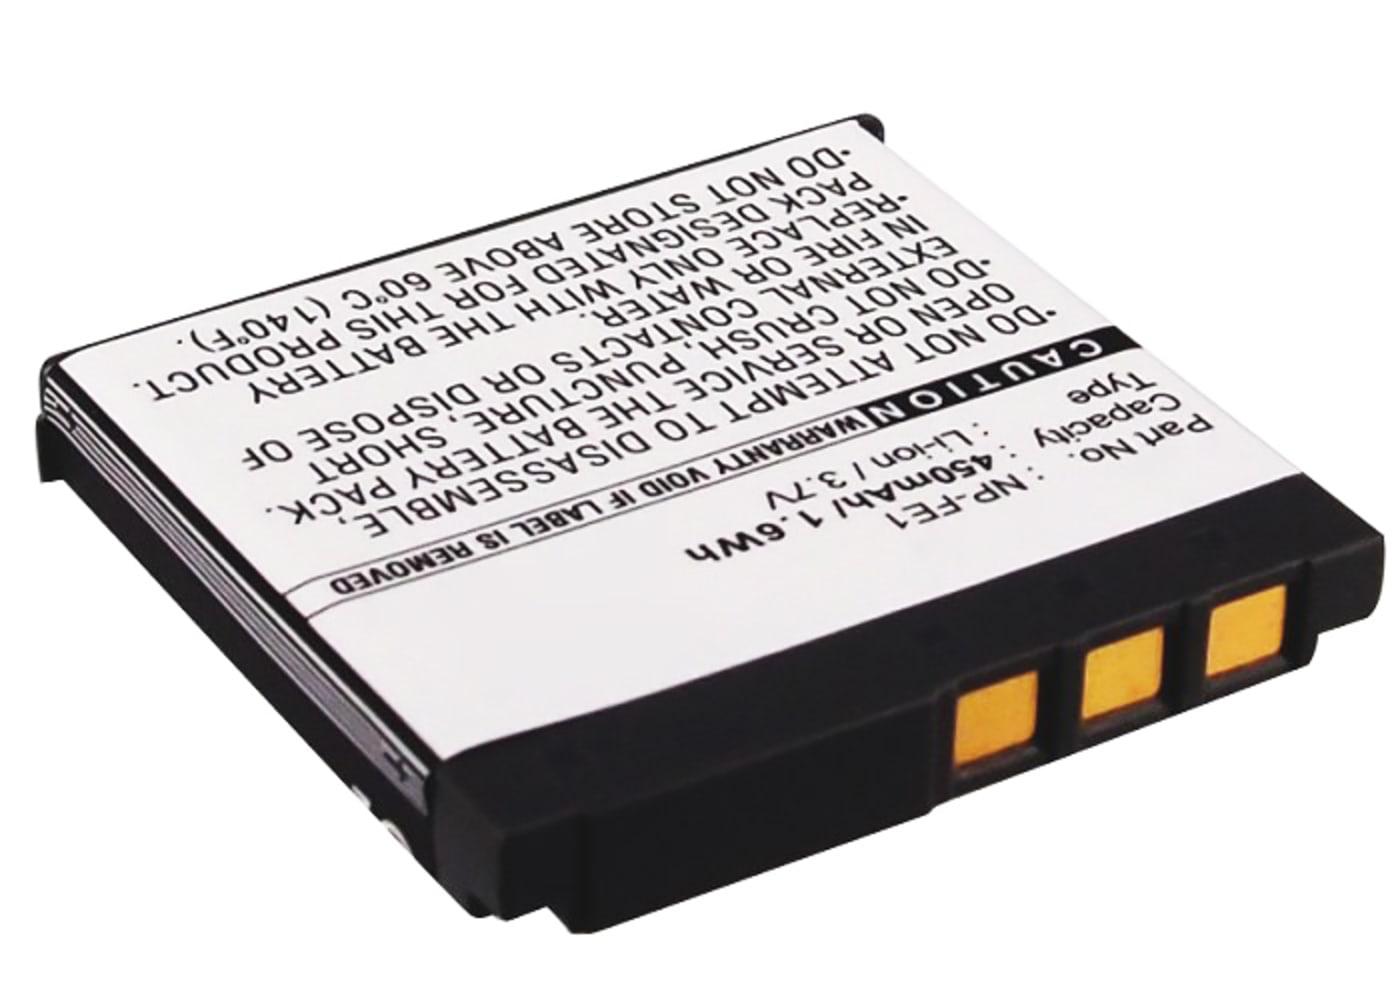 Kamera Akku für Sony Cyber-shot DSC-T7 - NP-FE1 Ersatzakku 450mAh NP-FE1, Batterie